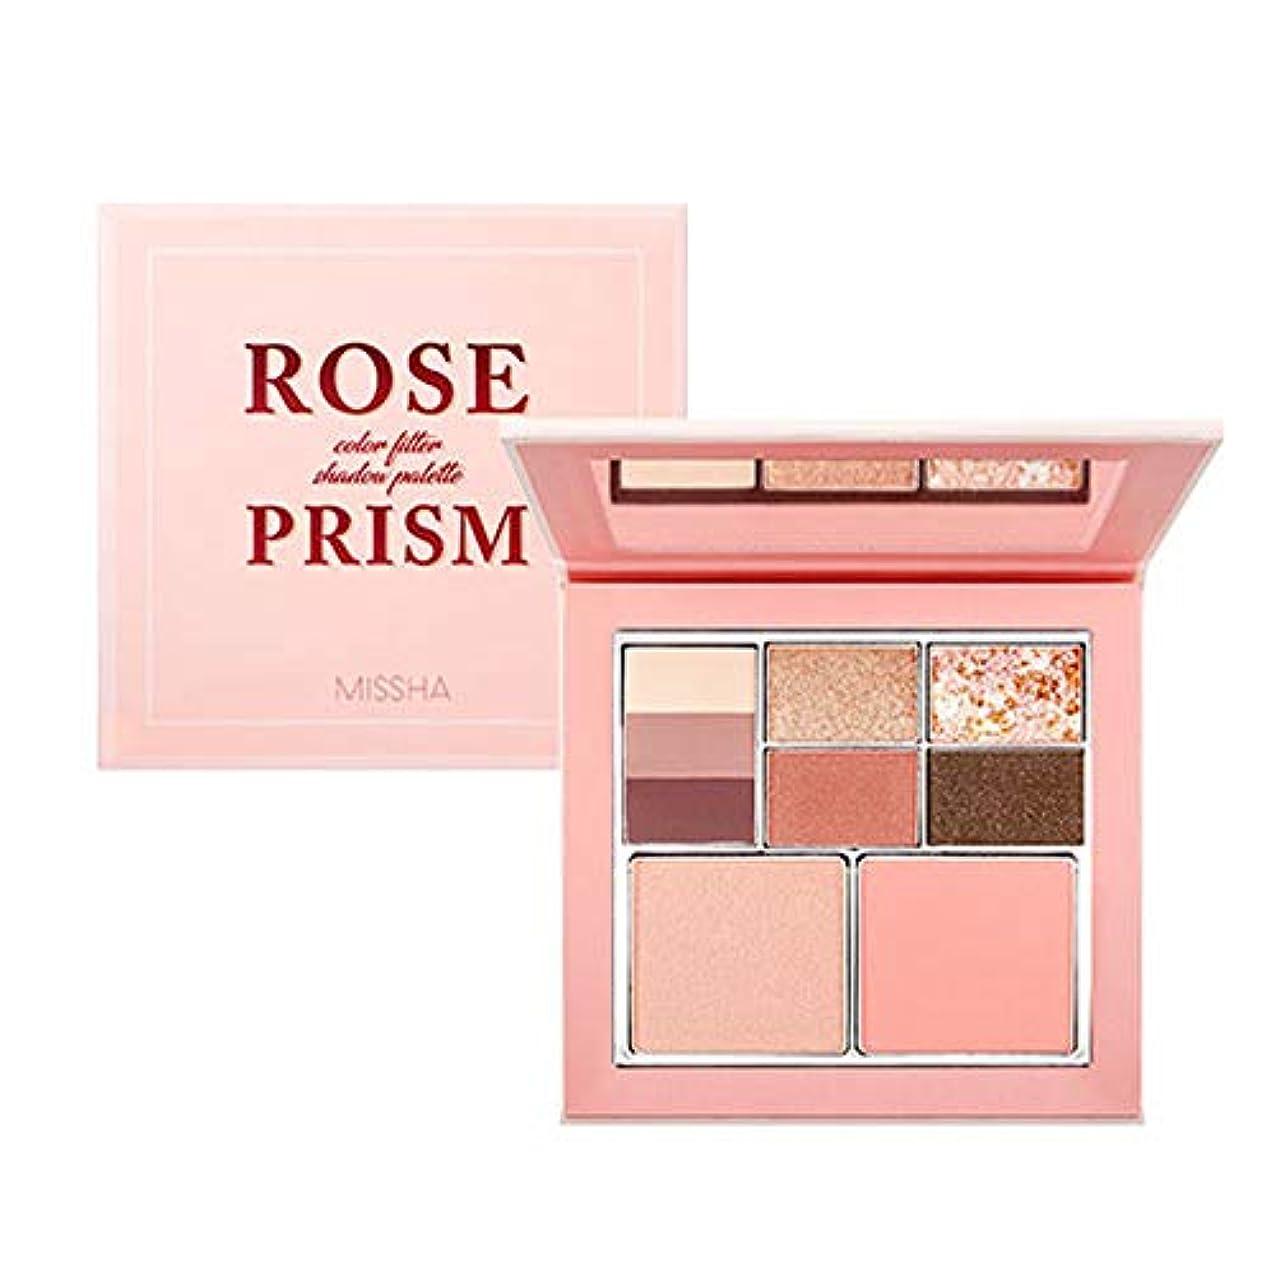 ブレークボウリング閉じるミシャ カラーフィルターシャドーパレット Missha Color Filter SHadow Palette #09 Rose Prism [並行輸入品]